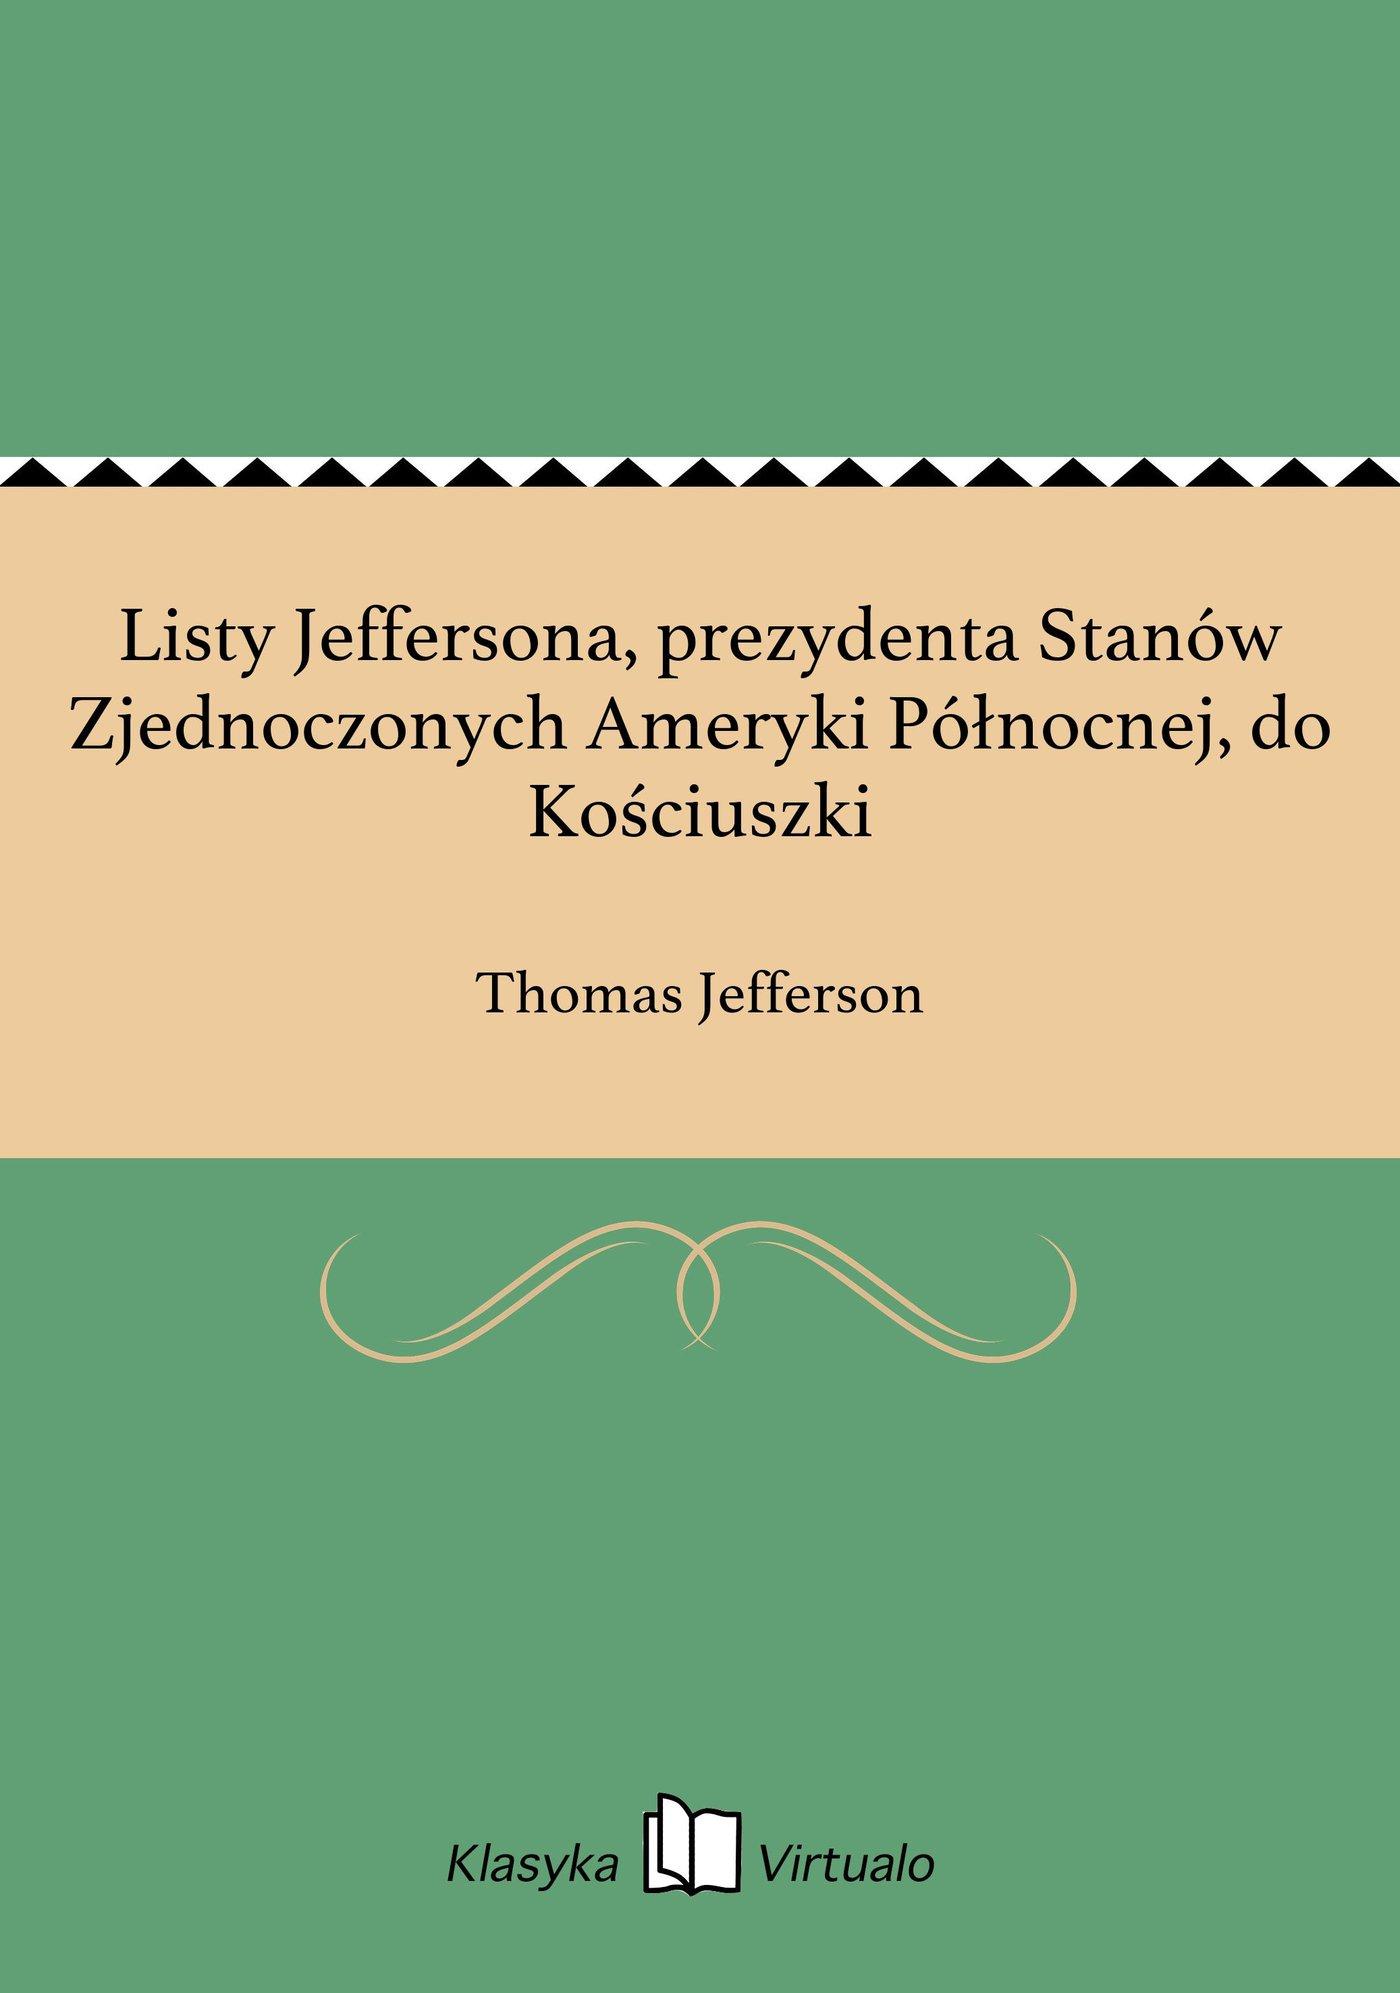 Listy Jeffersona, prezydenta Stanów Zjednoczonych Ameryki Północnej, do Kościuszki - Ebook (Książka EPUB) do pobrania w formacie EPUB